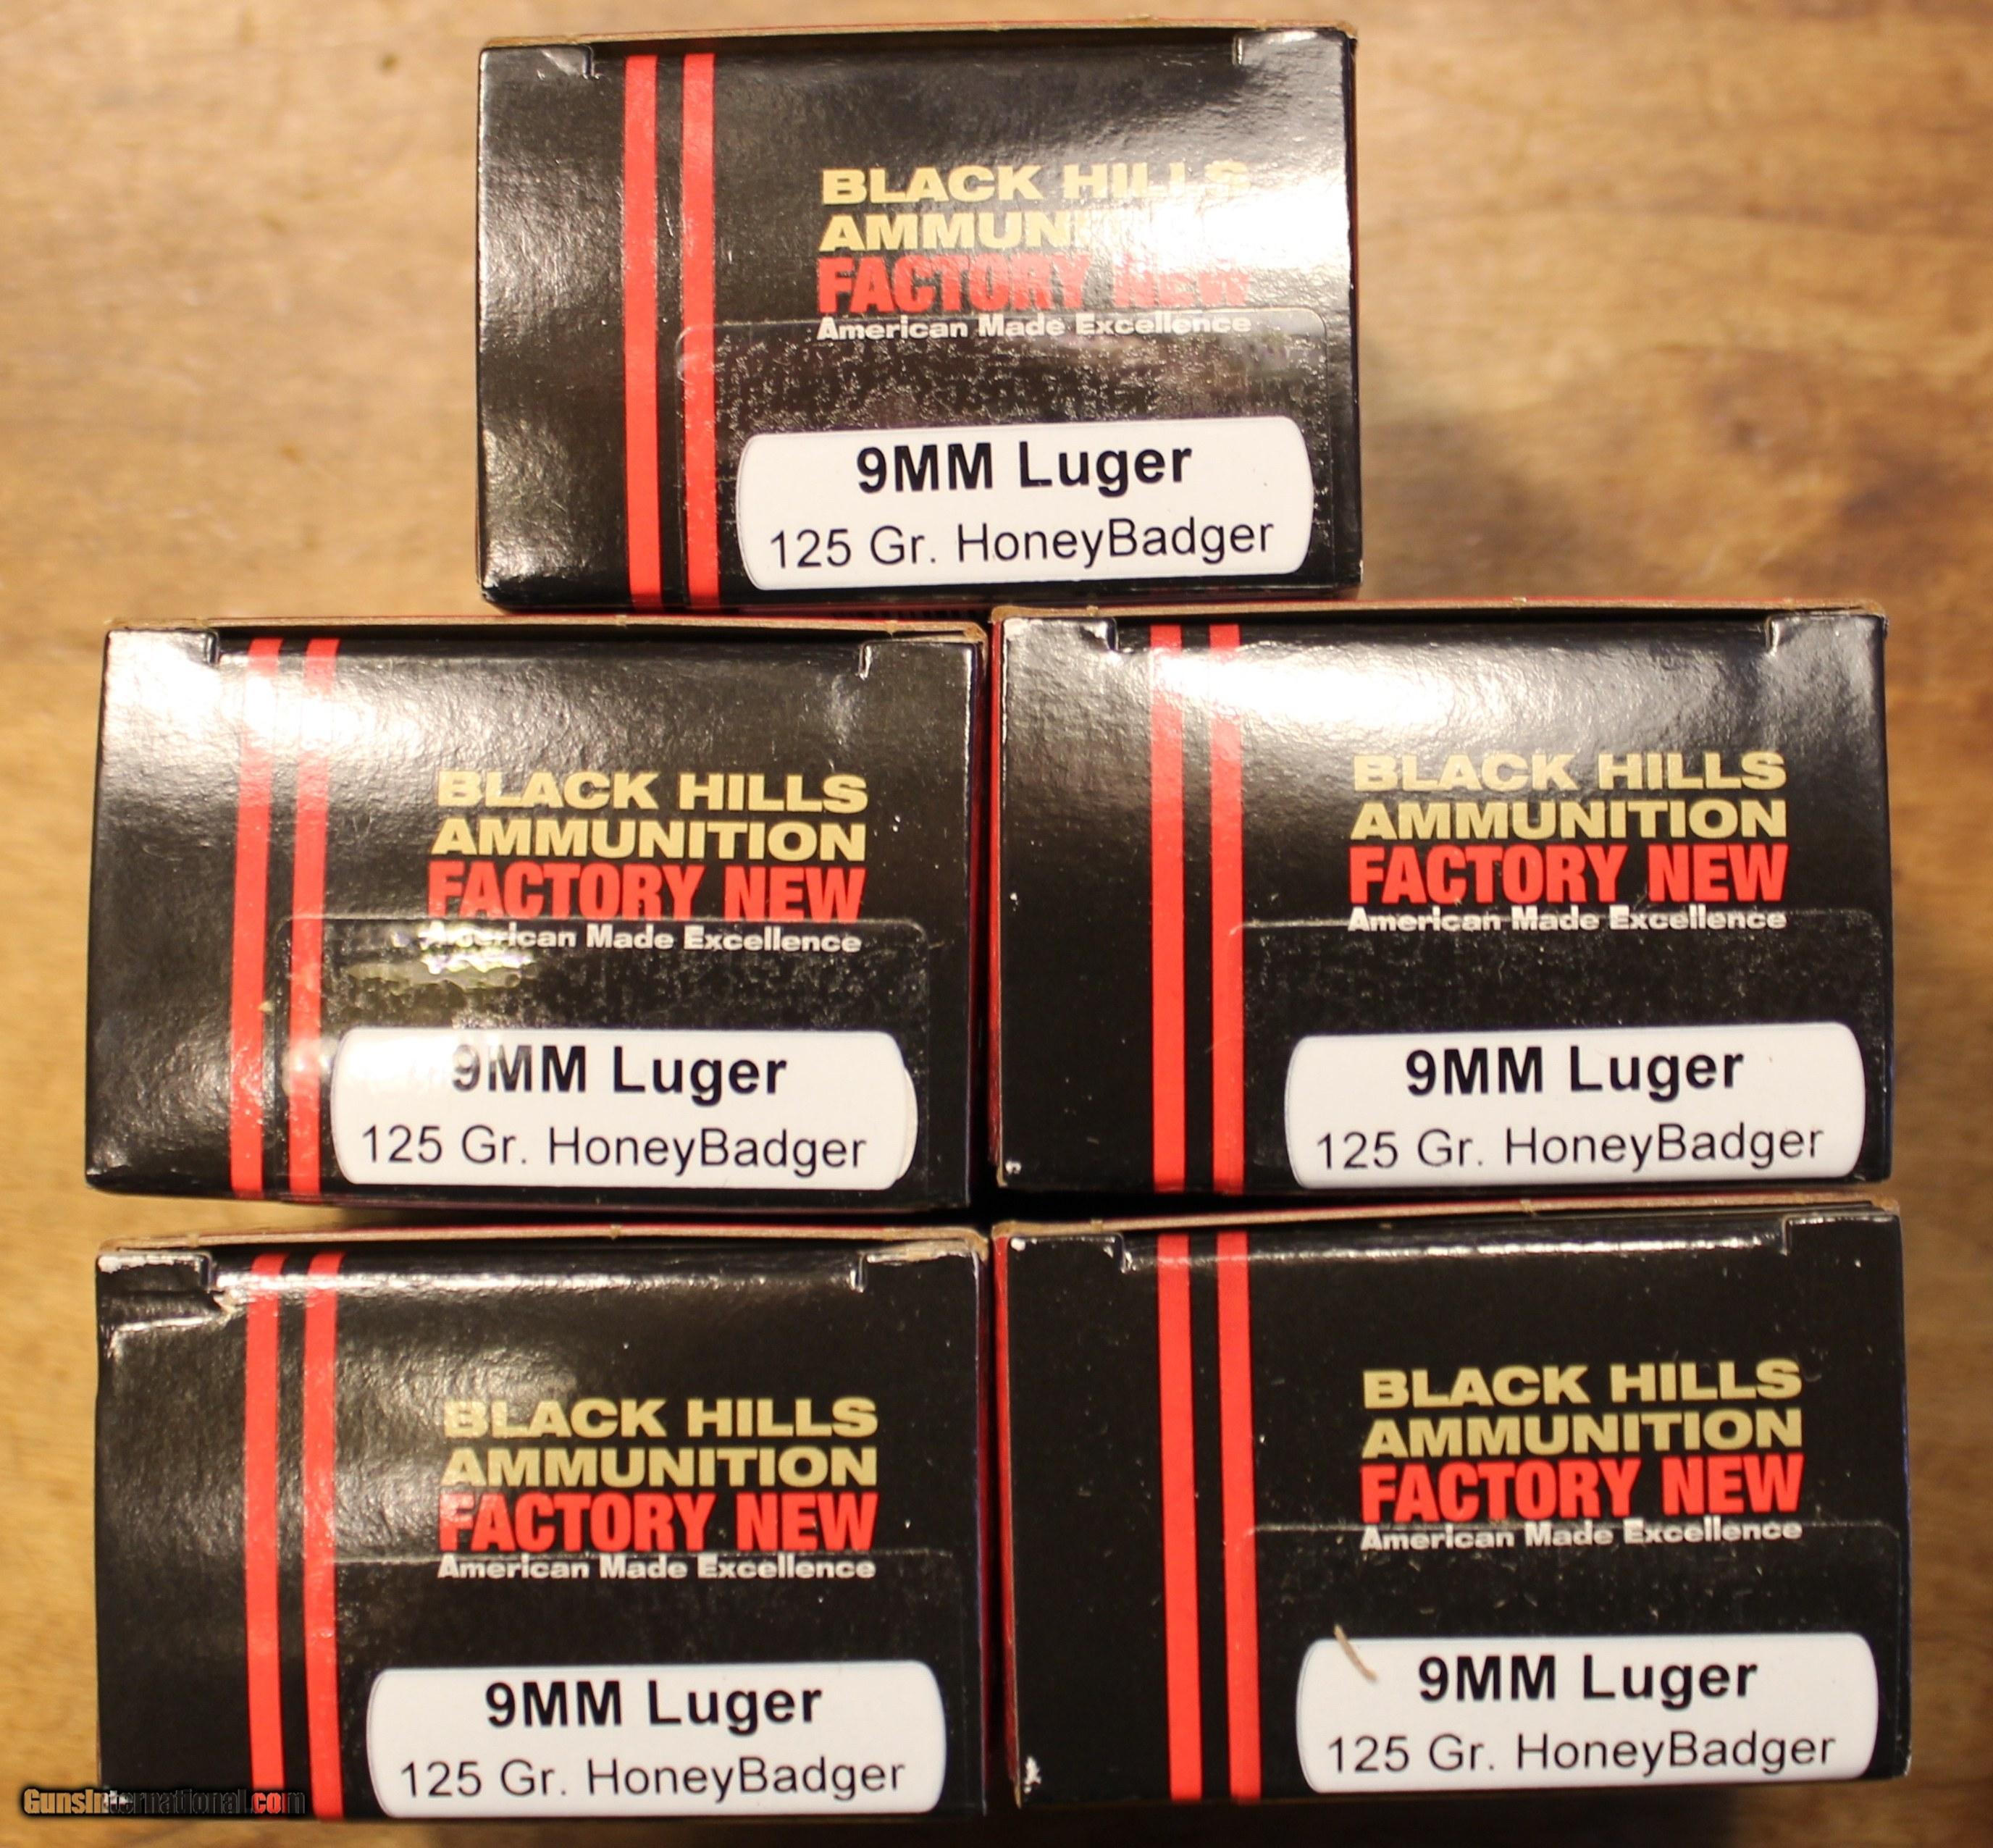 100 rounds of Black Hills 9mm Luger 125 Gr HoneyBadger